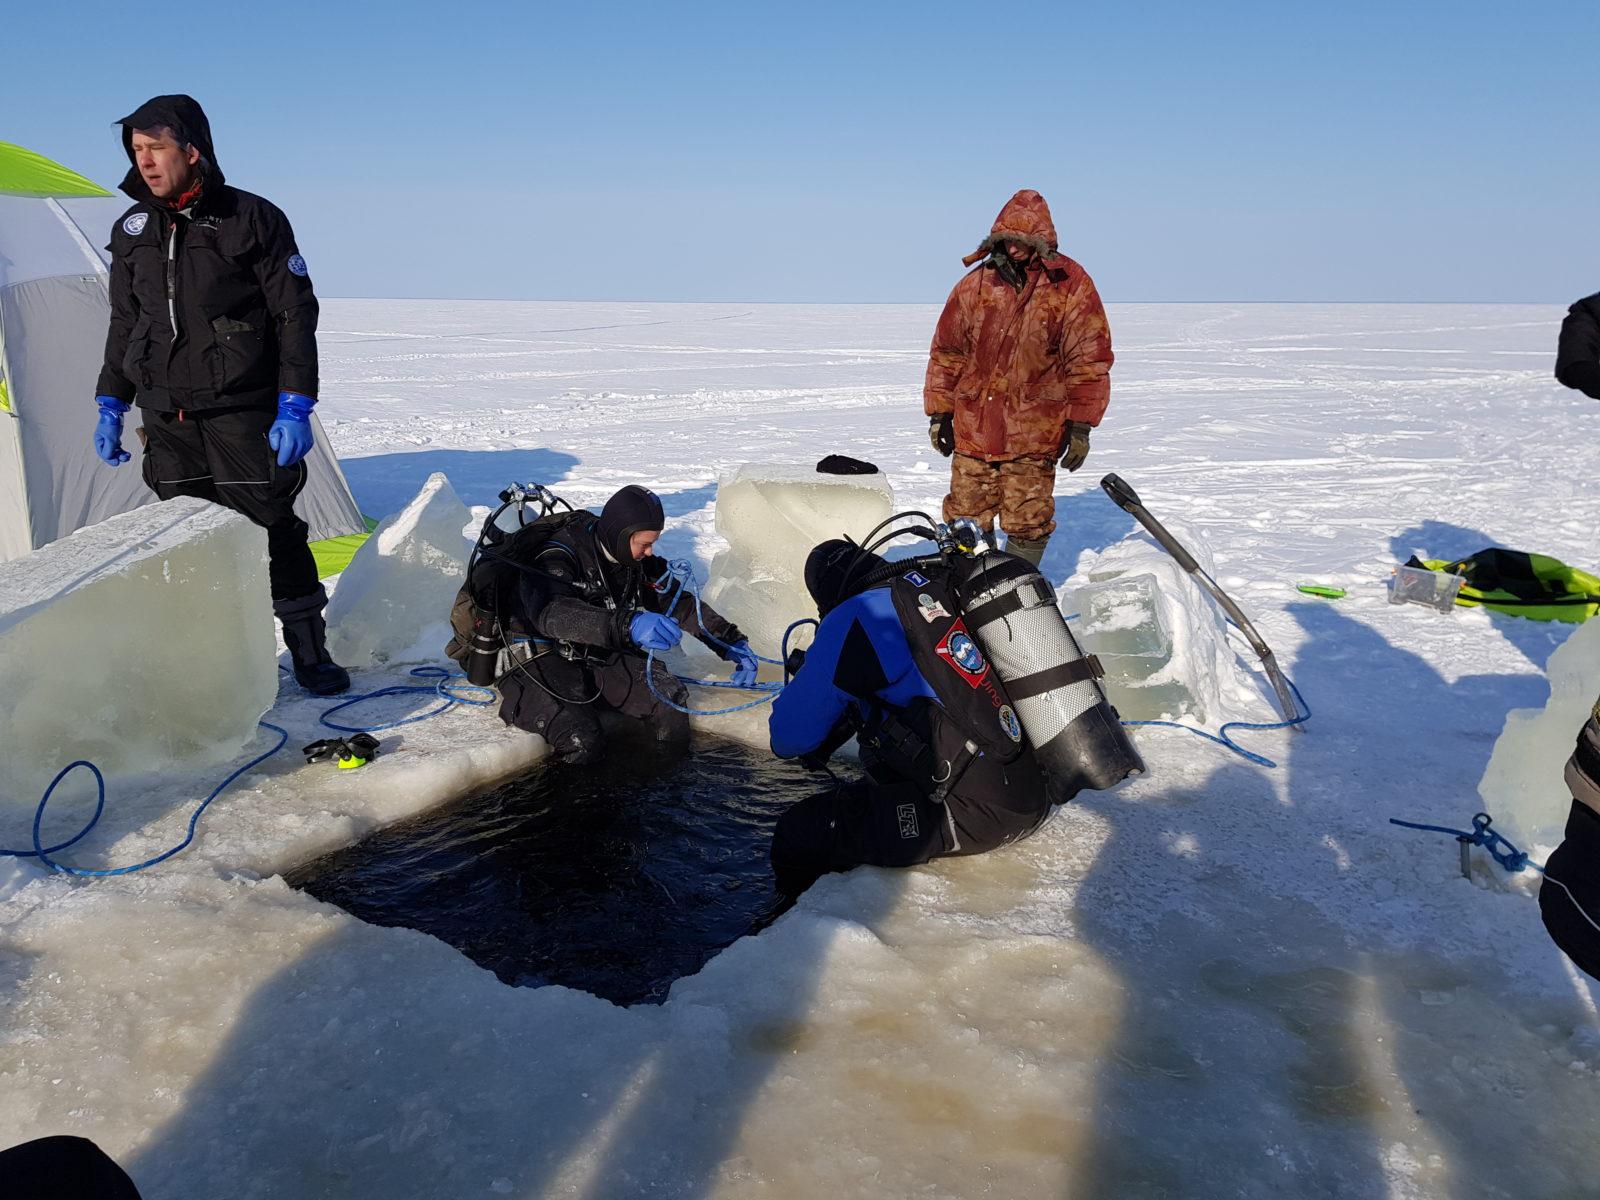 под лёд зимняя рыбалка и отдых рыболовная база Черкасово рыбинское водохранилище 6 - погружаемся под лёд